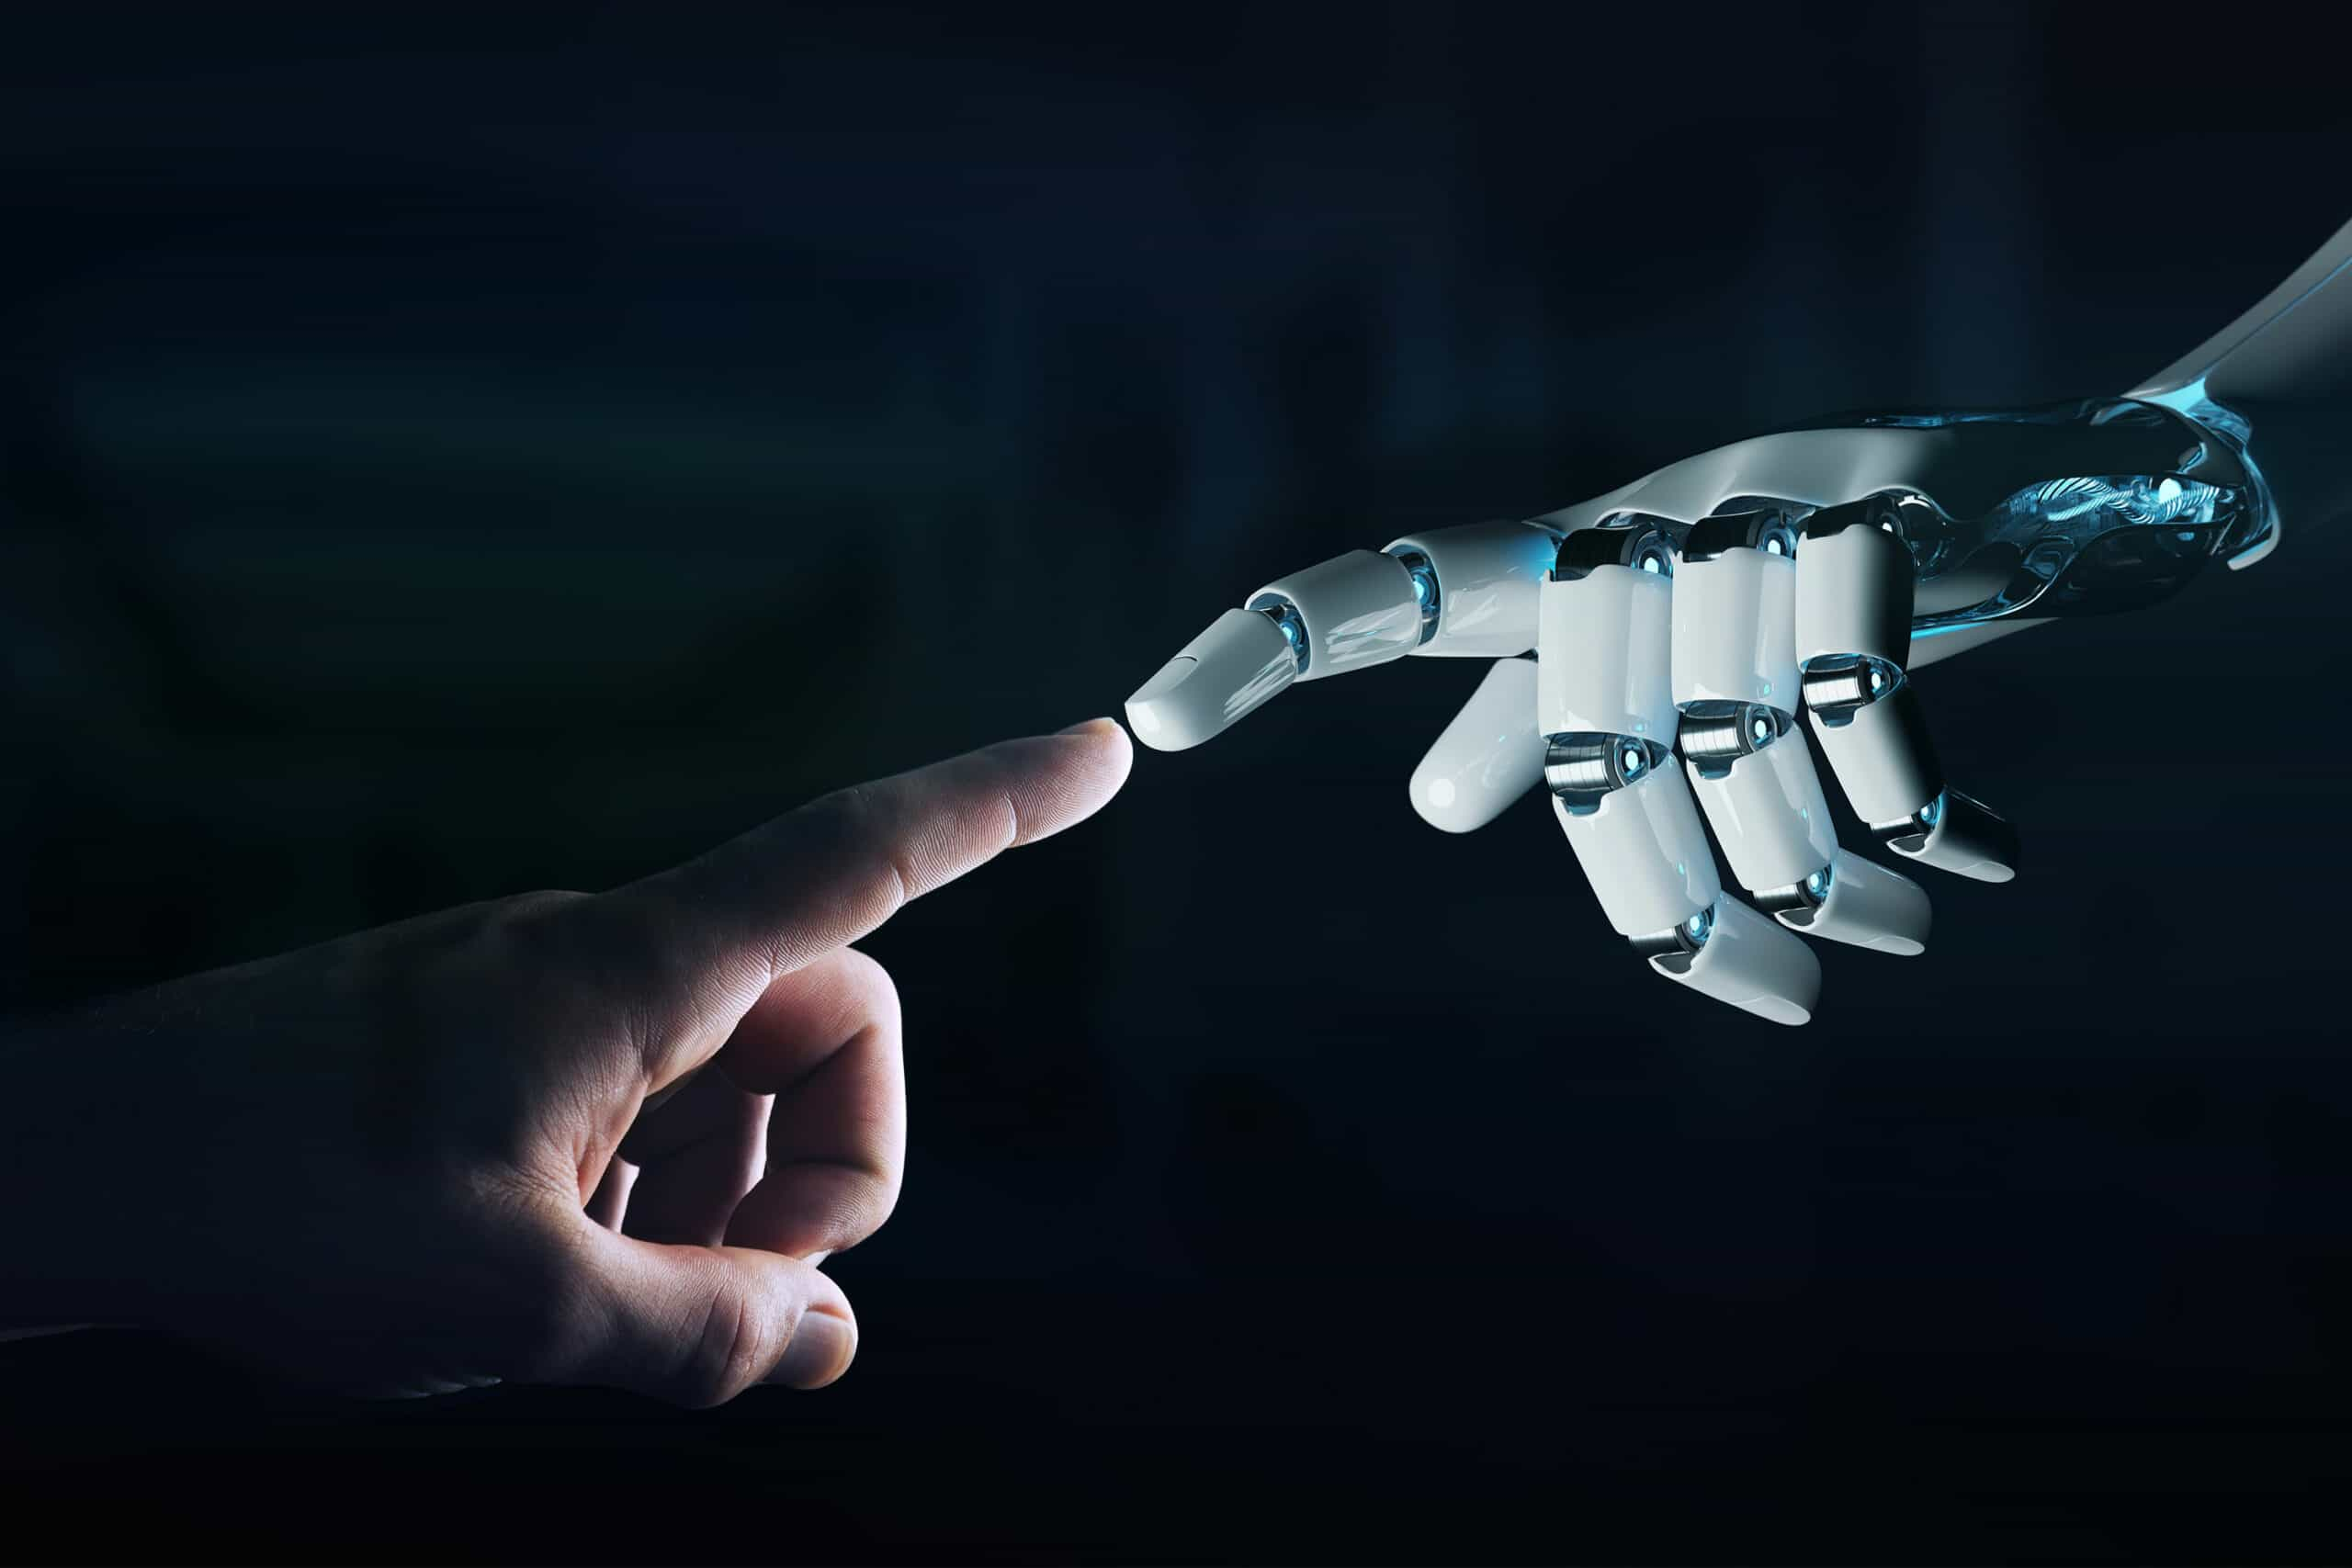 Akzeptanz von künstlicher Intelligenz